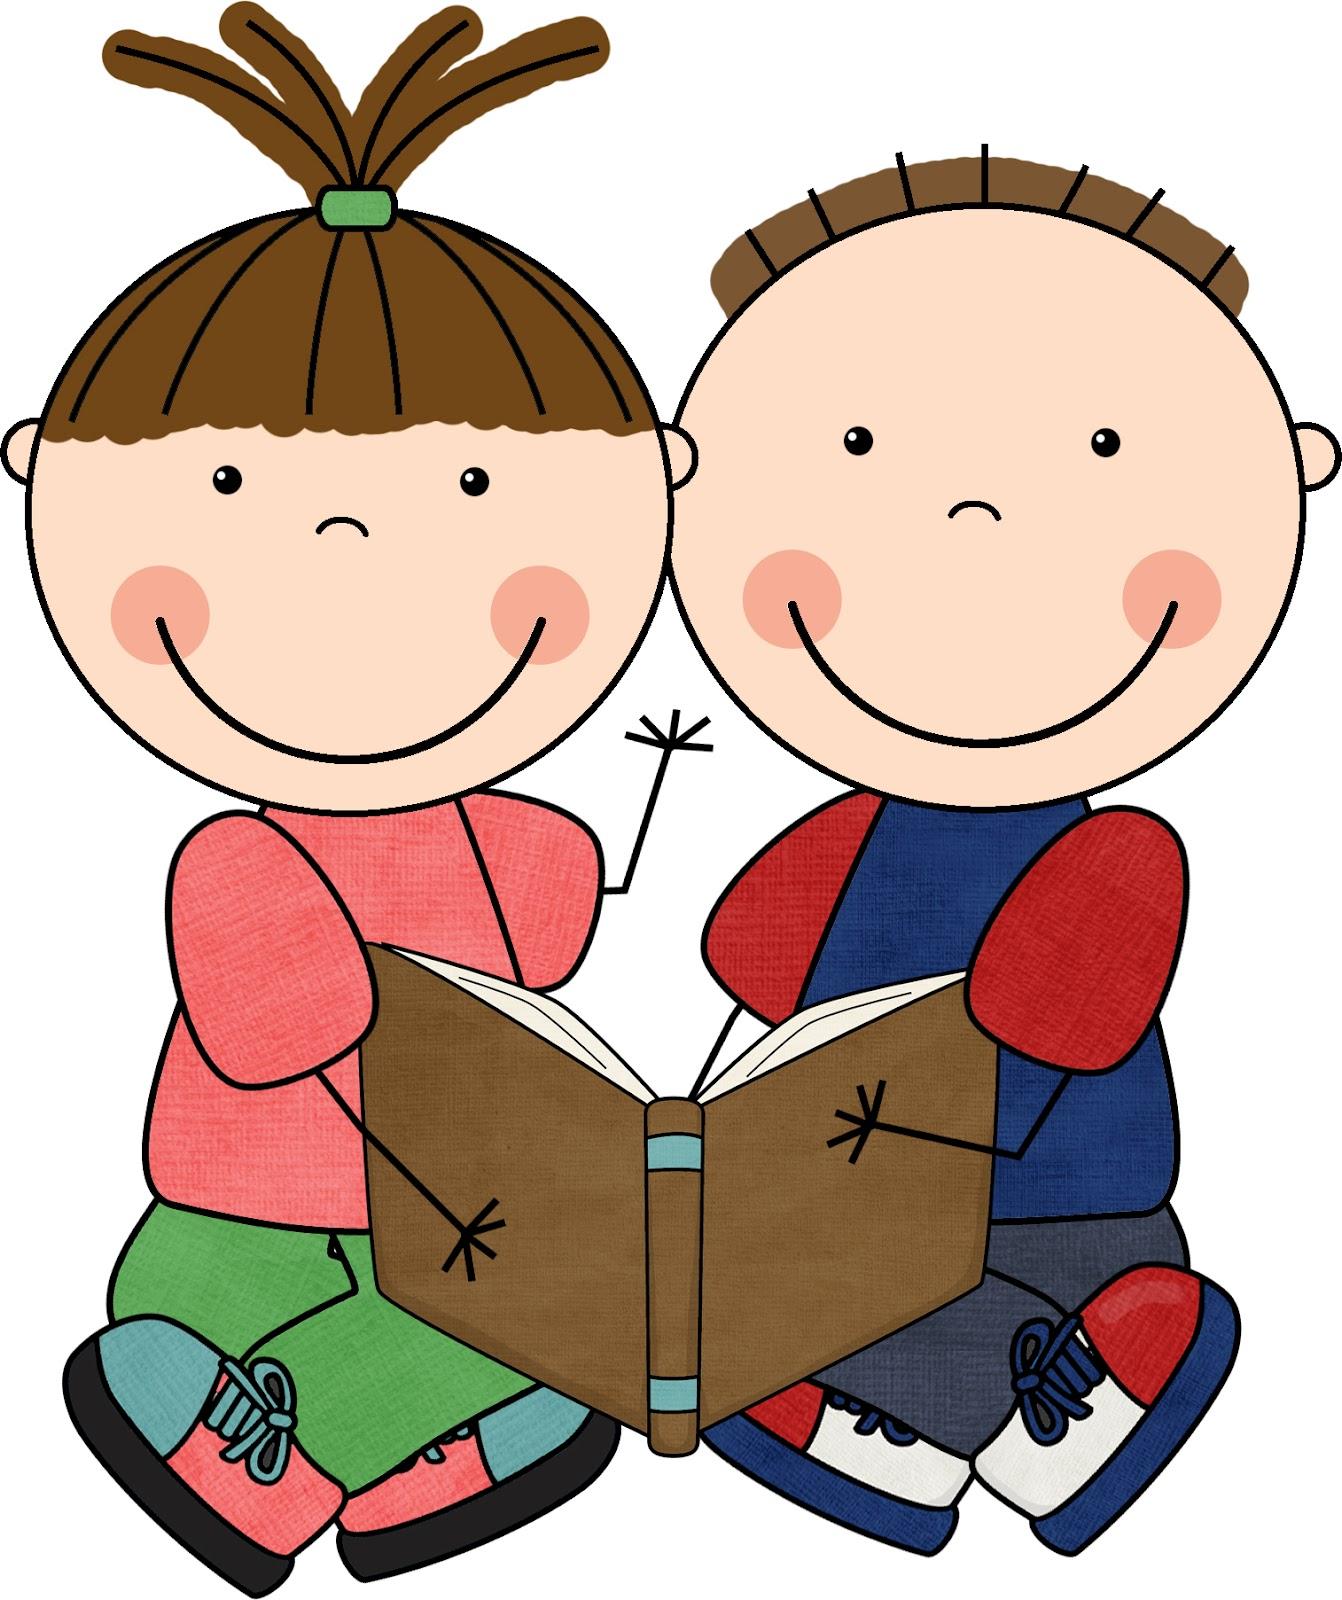 Kindergarten Clip Art: Welcome To Preschool Clip Art